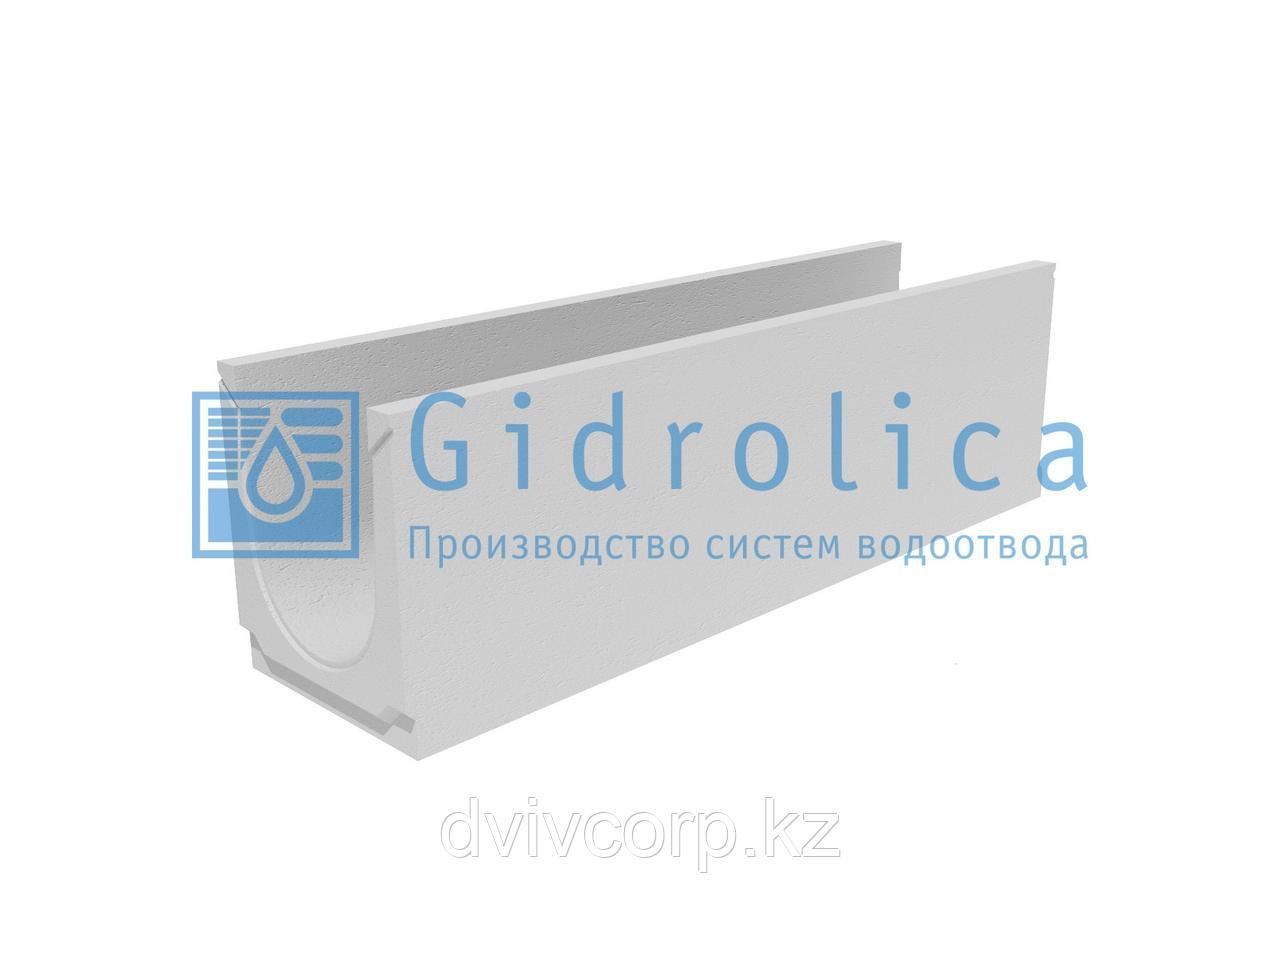 Лоток водоотводный бетонный коробчатый (СО-200мм)КU 100.26(20).30,5(25)-BGU, № 10-0